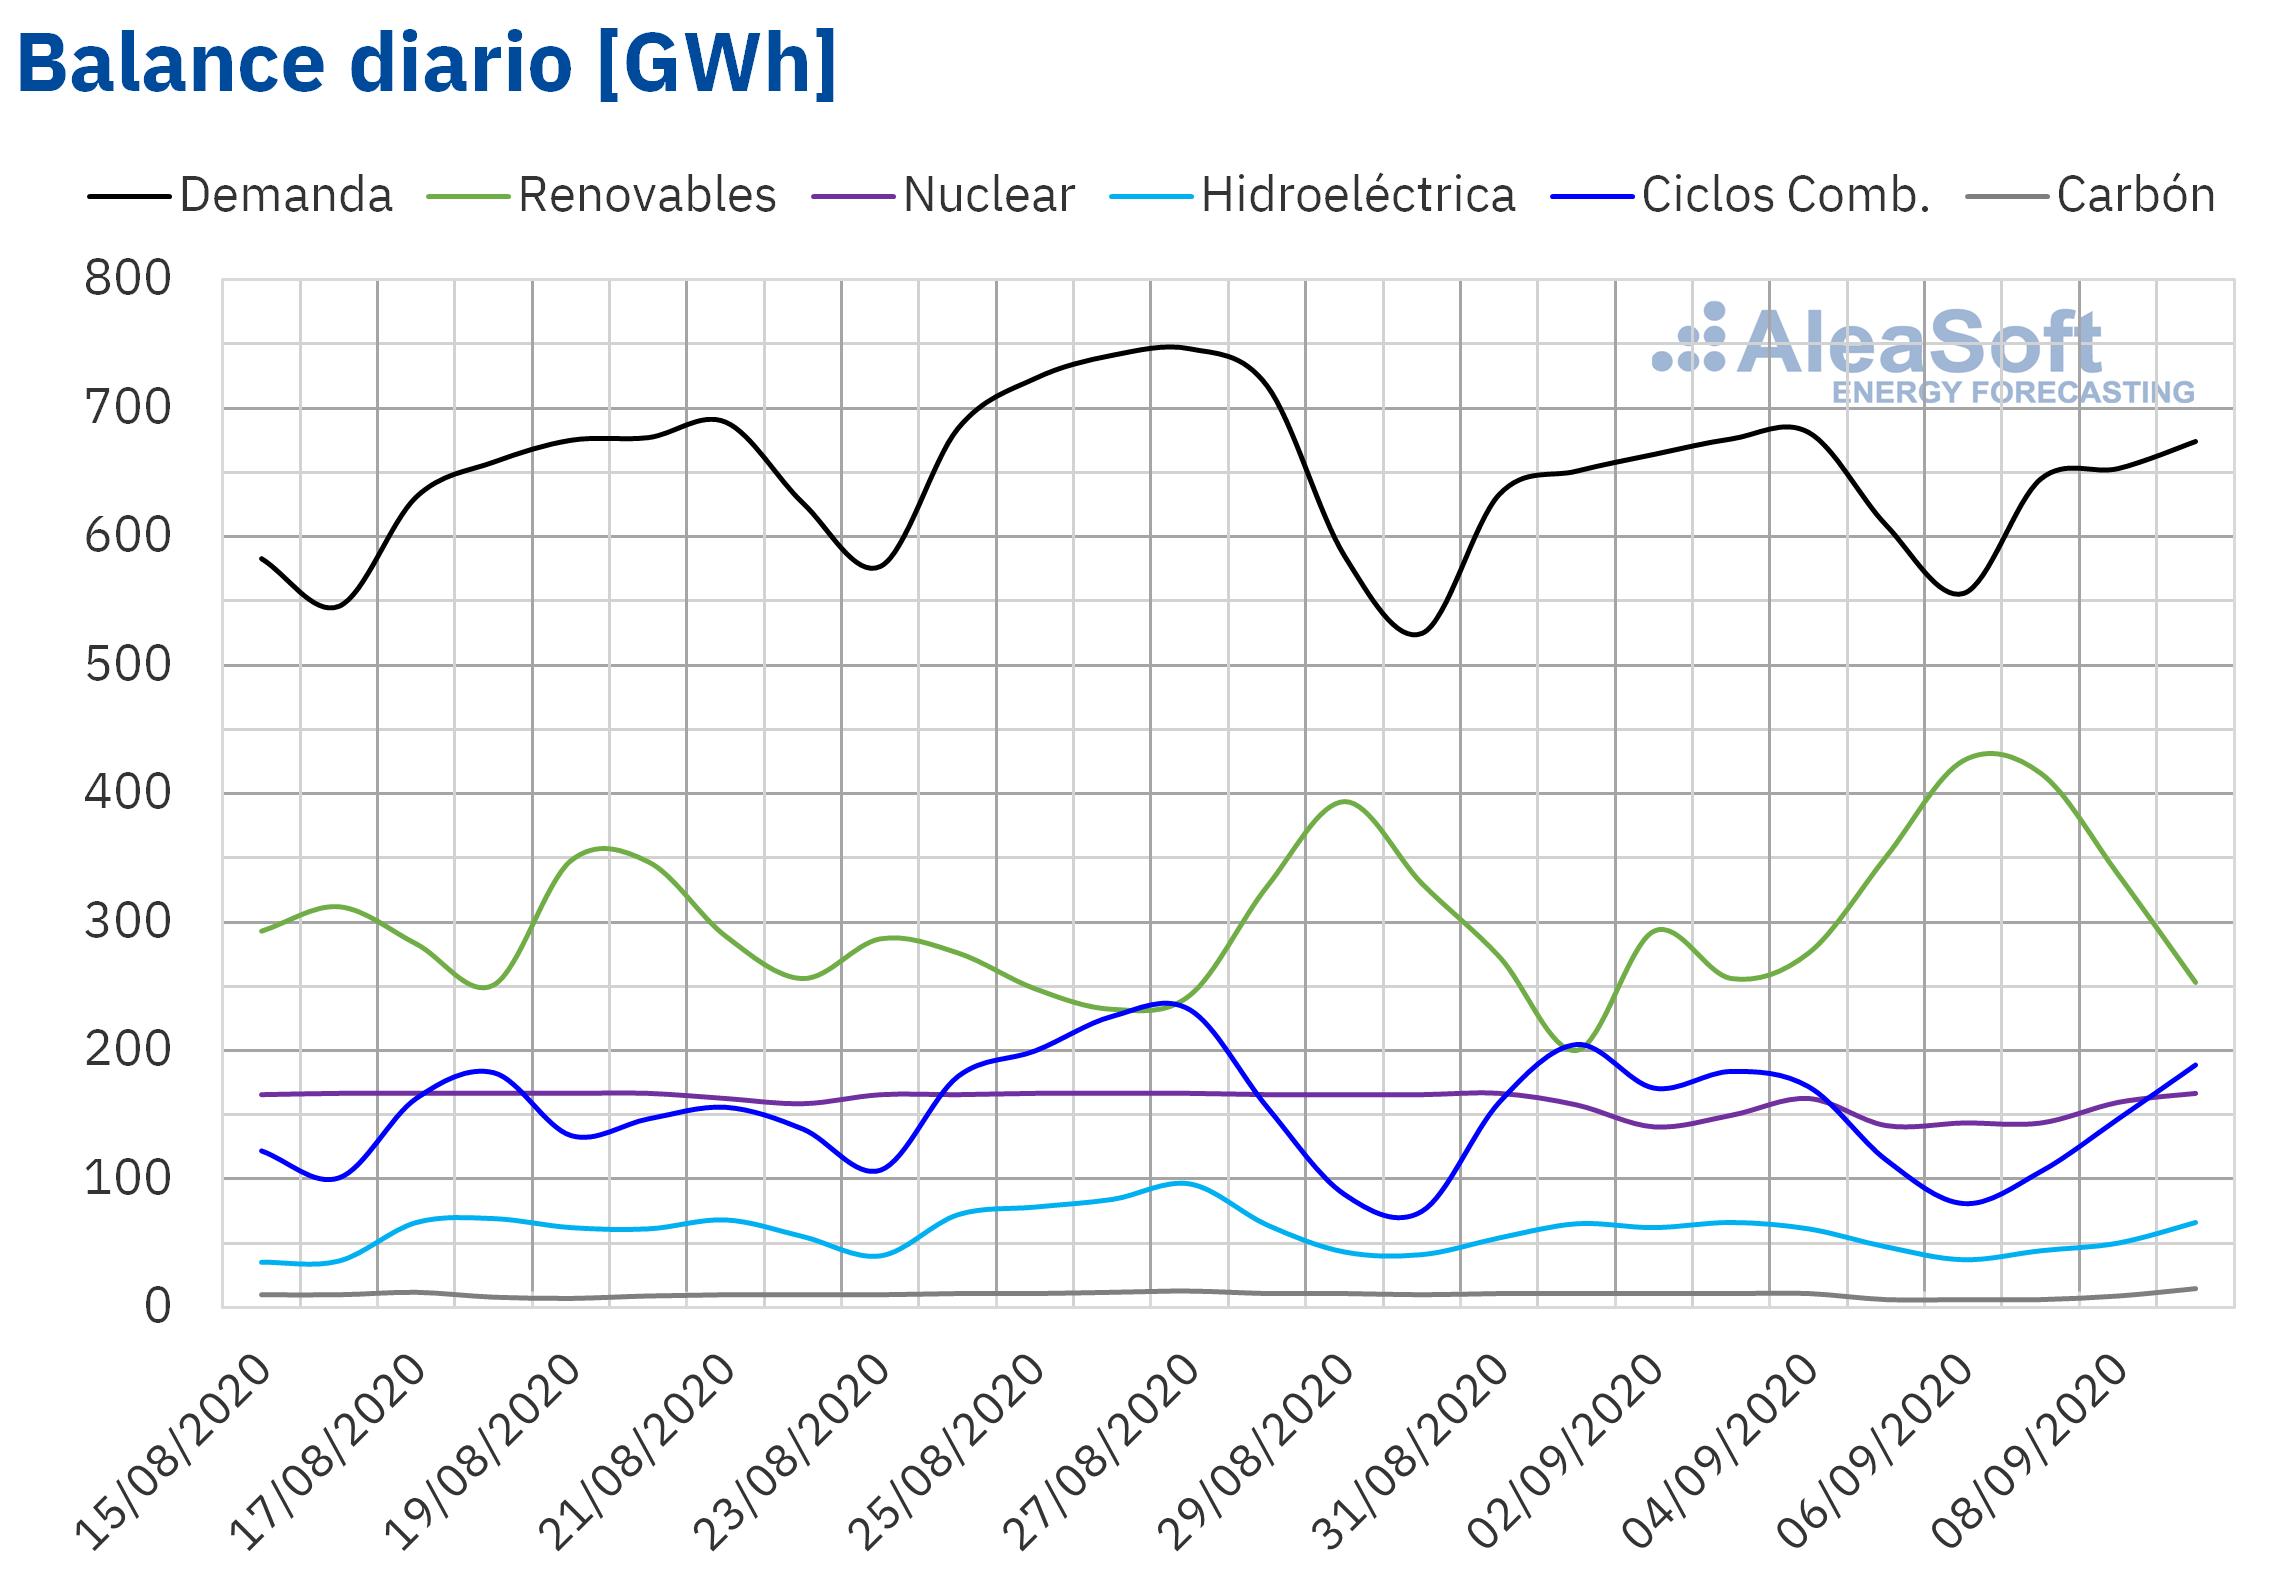 AleaSoft - Balance diario de electricidad de España demanda y producción